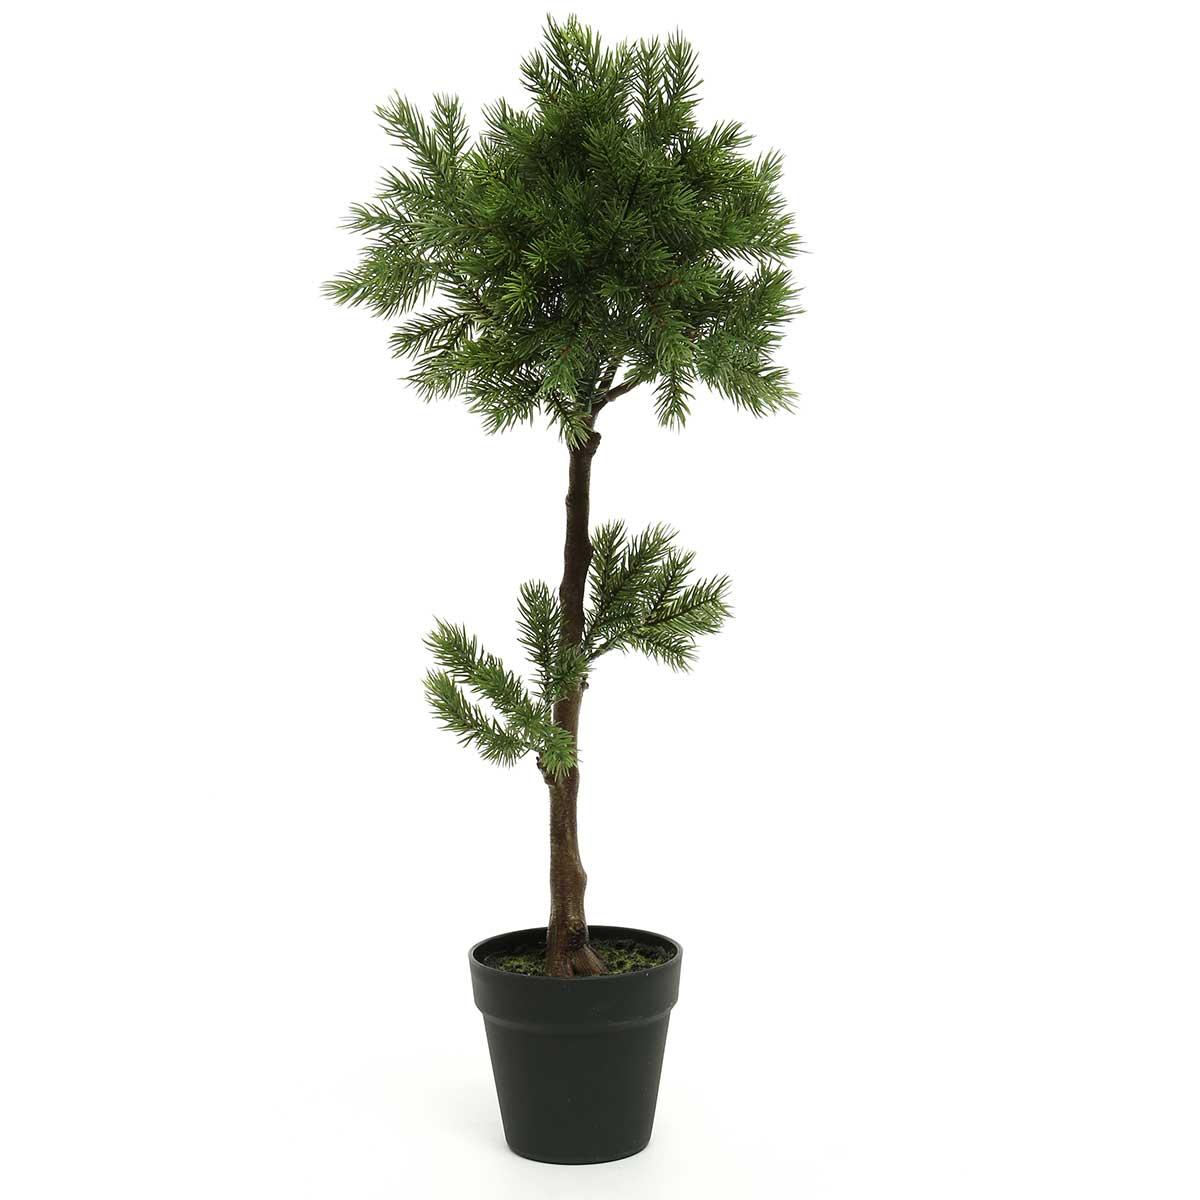 """BALSAM FIR TOPIARY TREE IN BLACK HEAVY PLASTIC POT 10""""X28"""""""